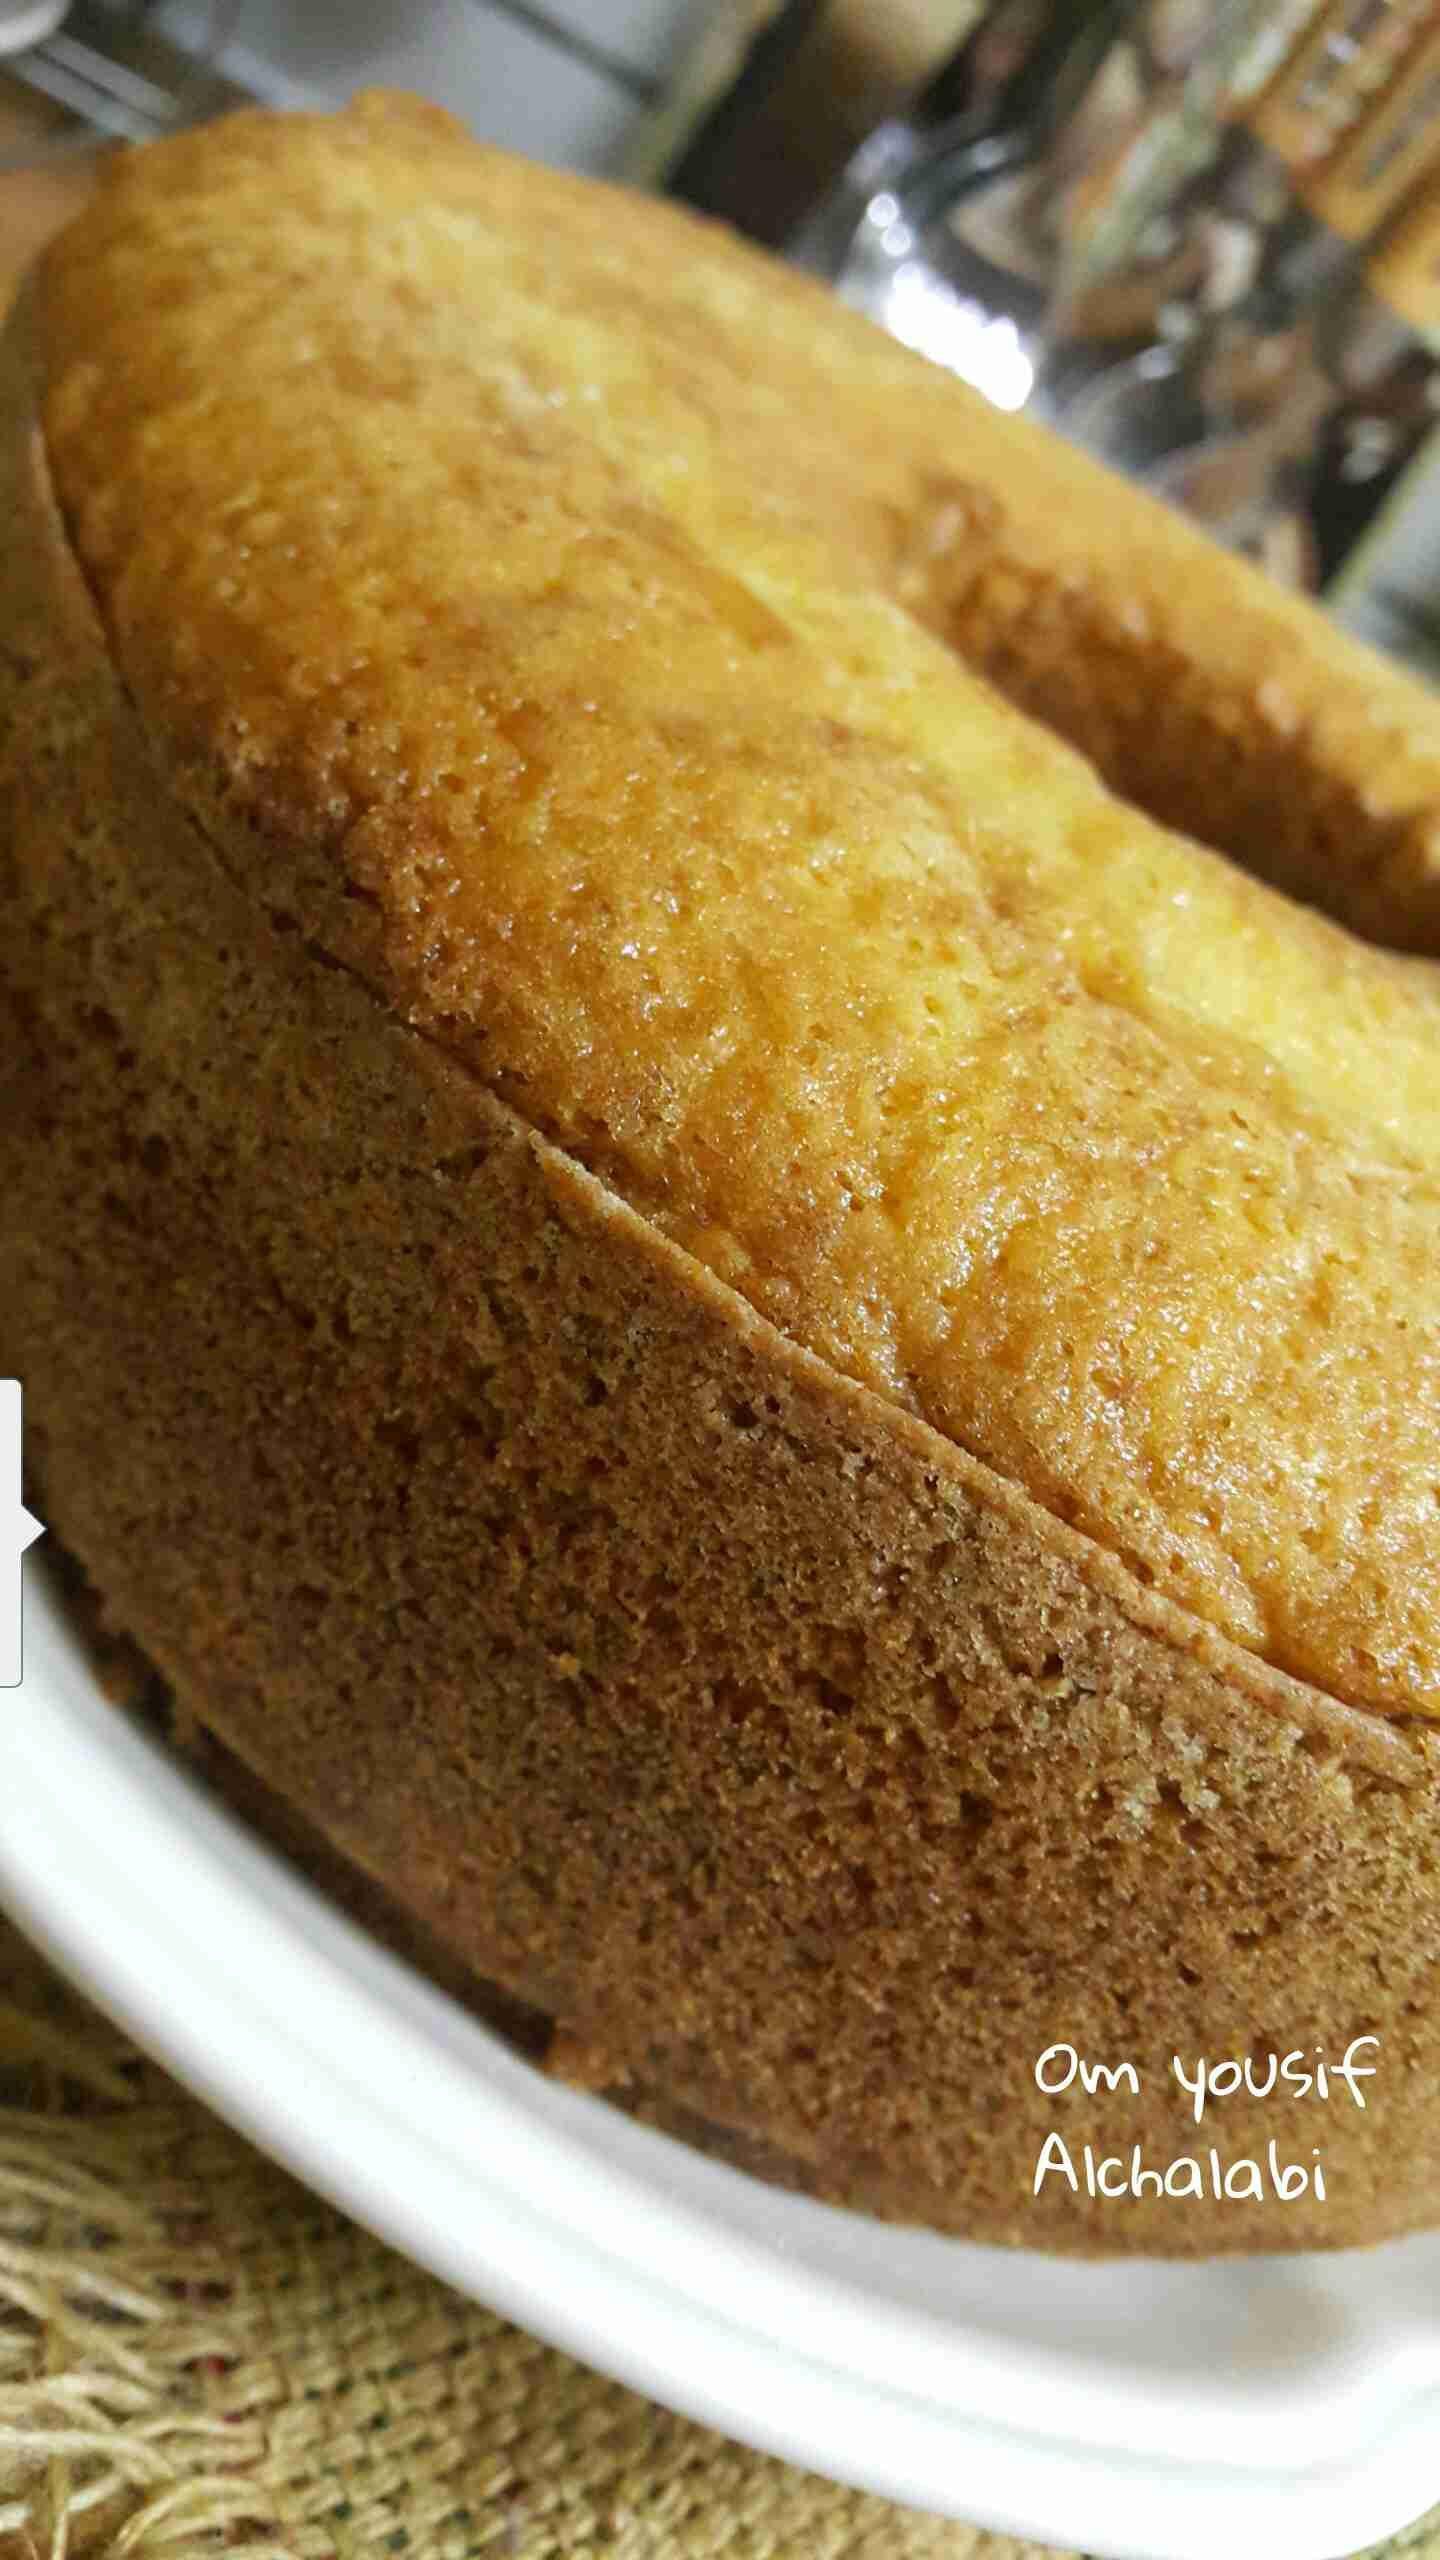 كيك أقتصادي أو الكيكة العادية أزكى كيكة مع كاسة الشاي زاكي Arabic Dessert Arabic Food Cooking Recipes